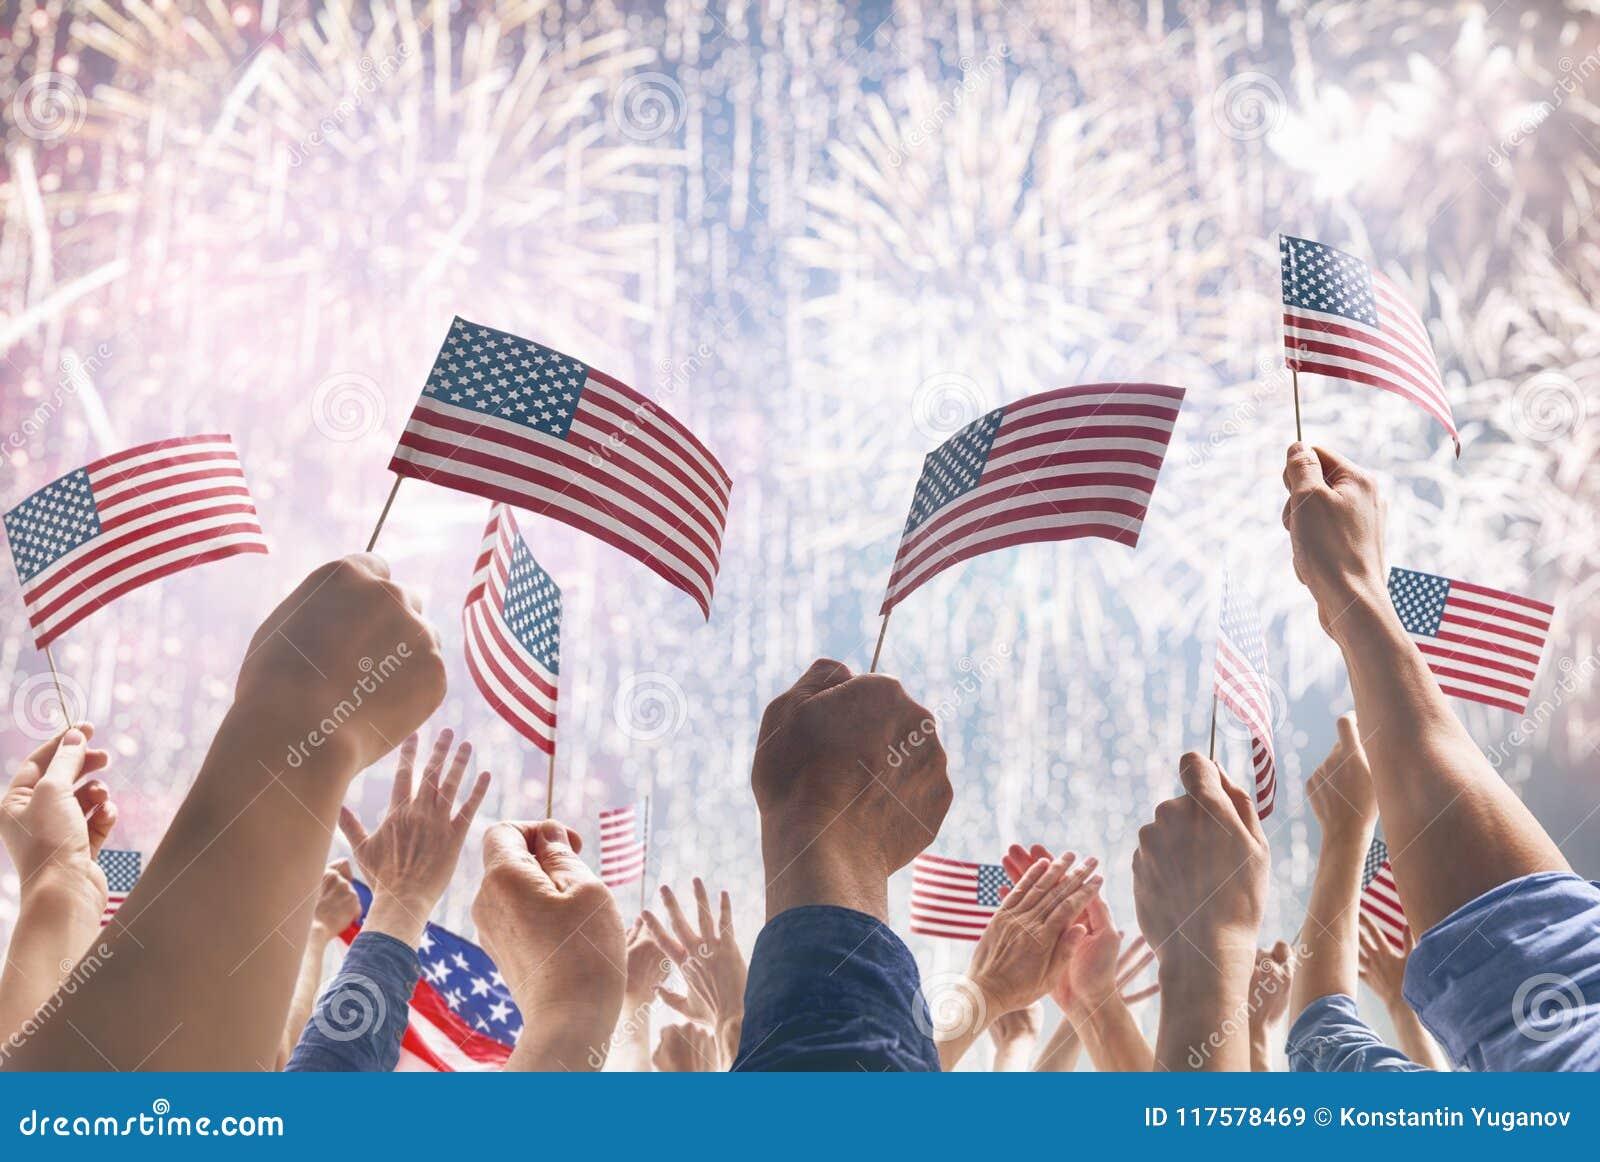 Handen van mensen die de Vlaggen van de V.S. houden